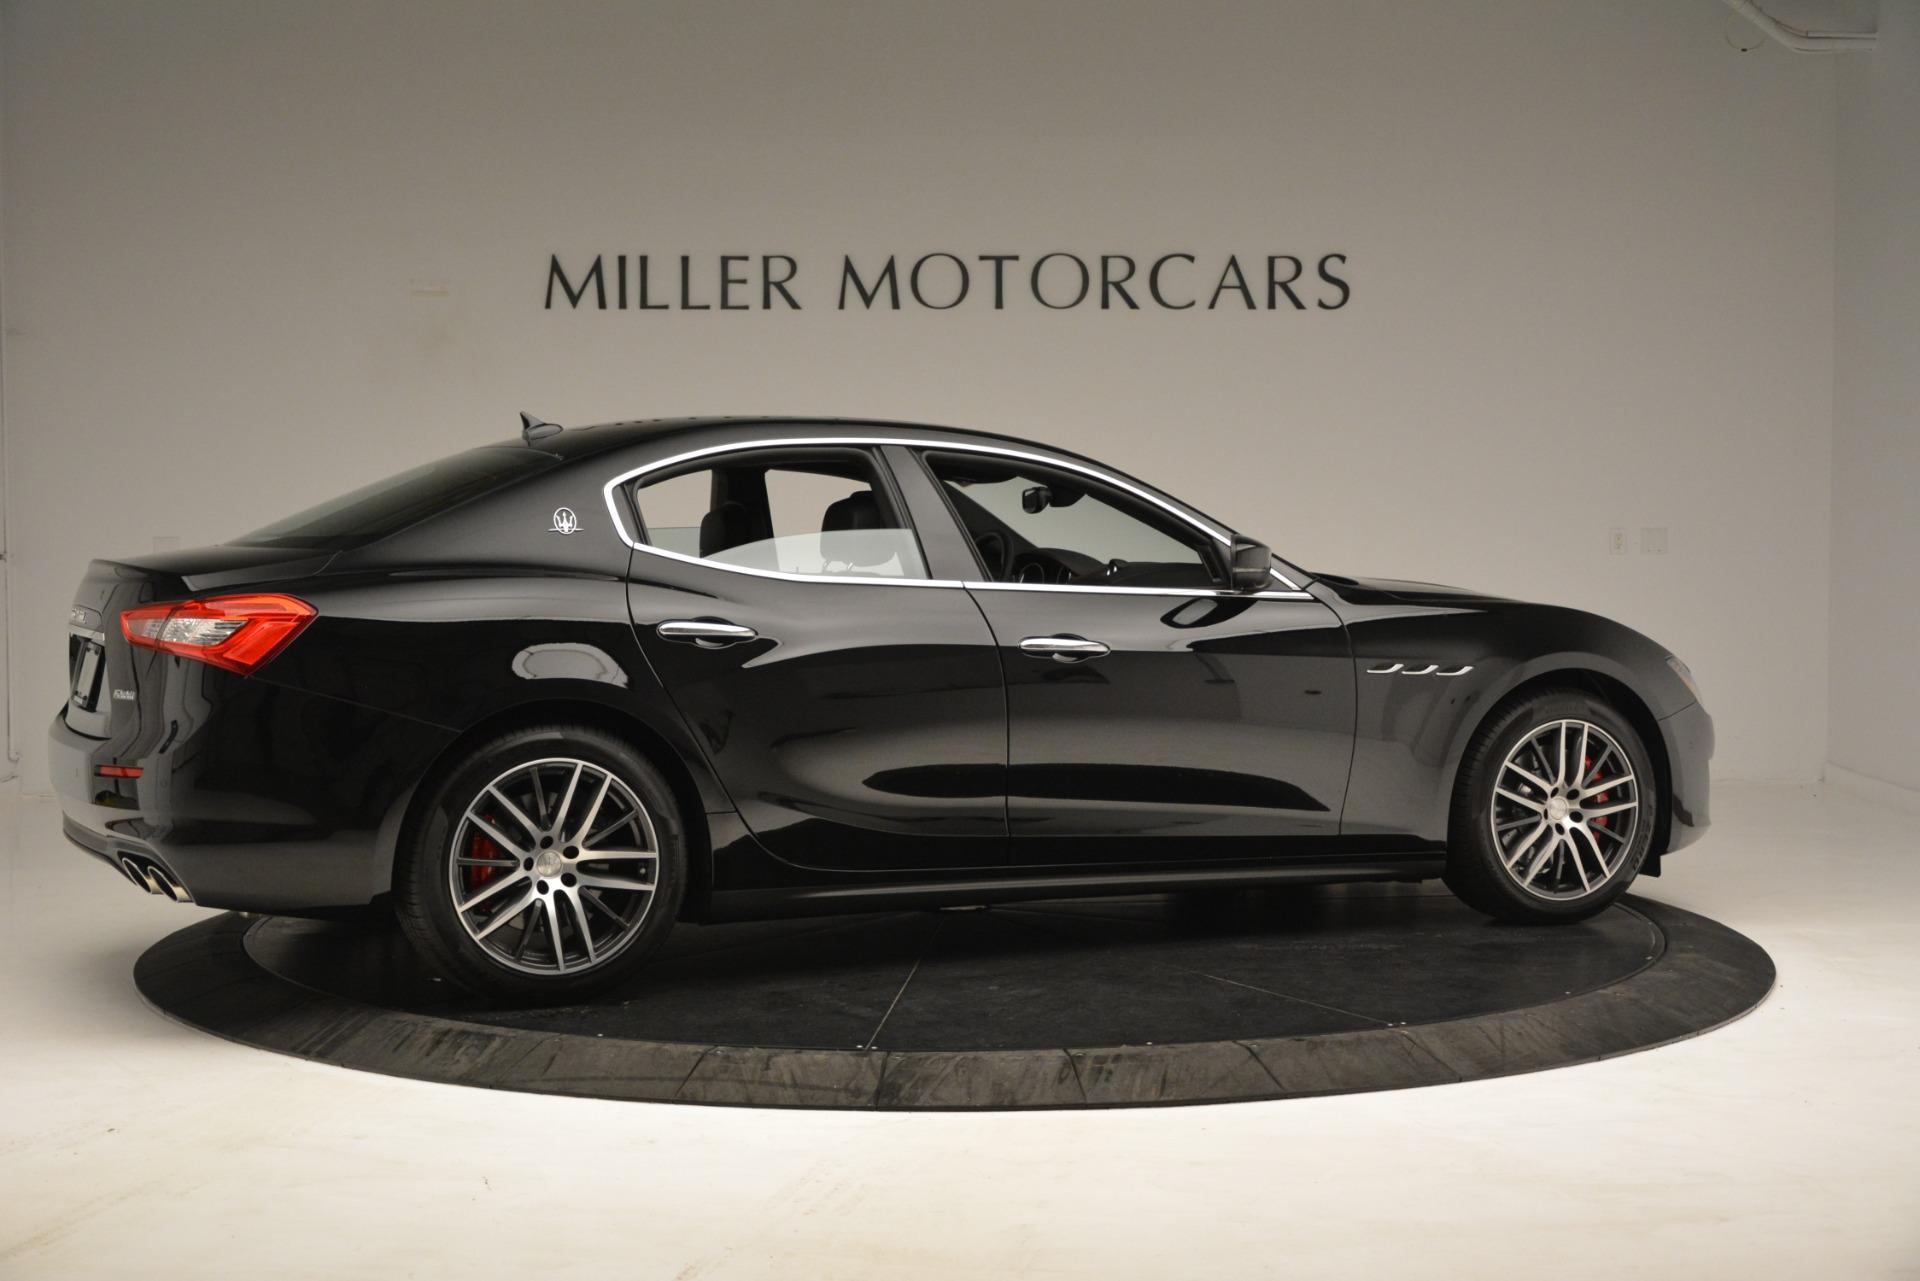 New 2019 Maserati Ghibli S Q4 For Sale In Greenwich, CT 3139_p8